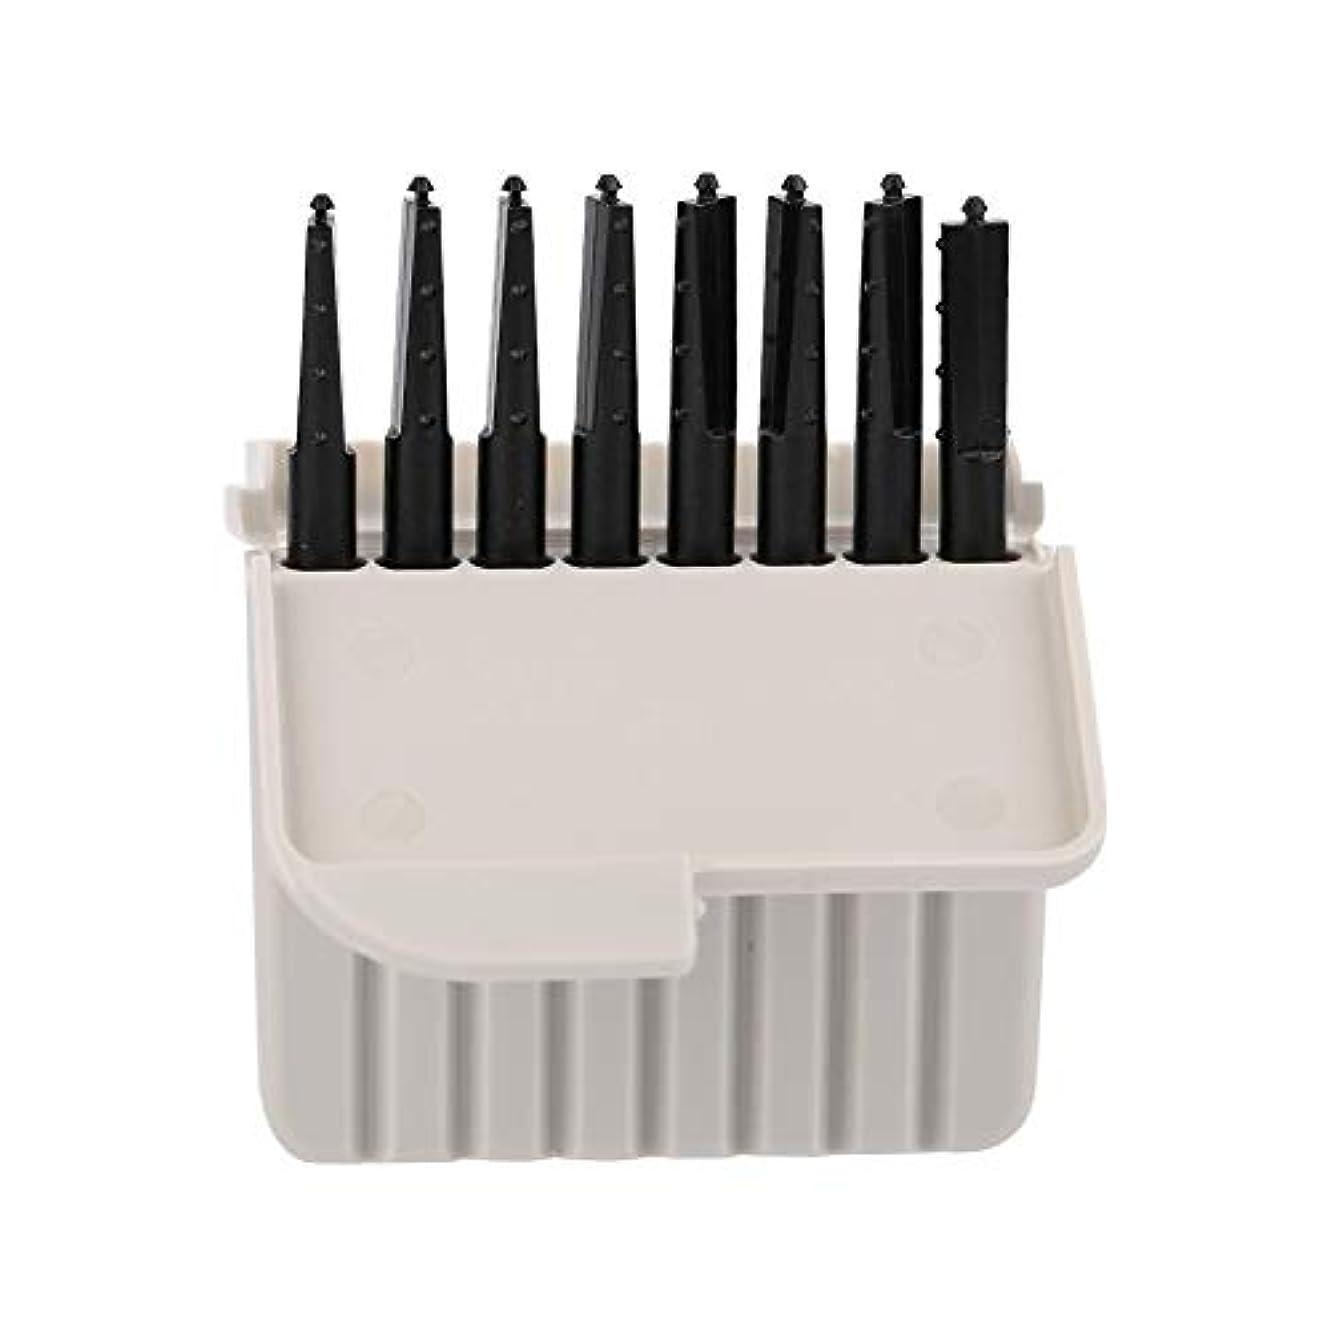 アルプス暴徒ストローSemmeワックスガード、8個使い捨てEarwaxフィルター補聴器アクセサリーワックスプロテクタークリーニングセット